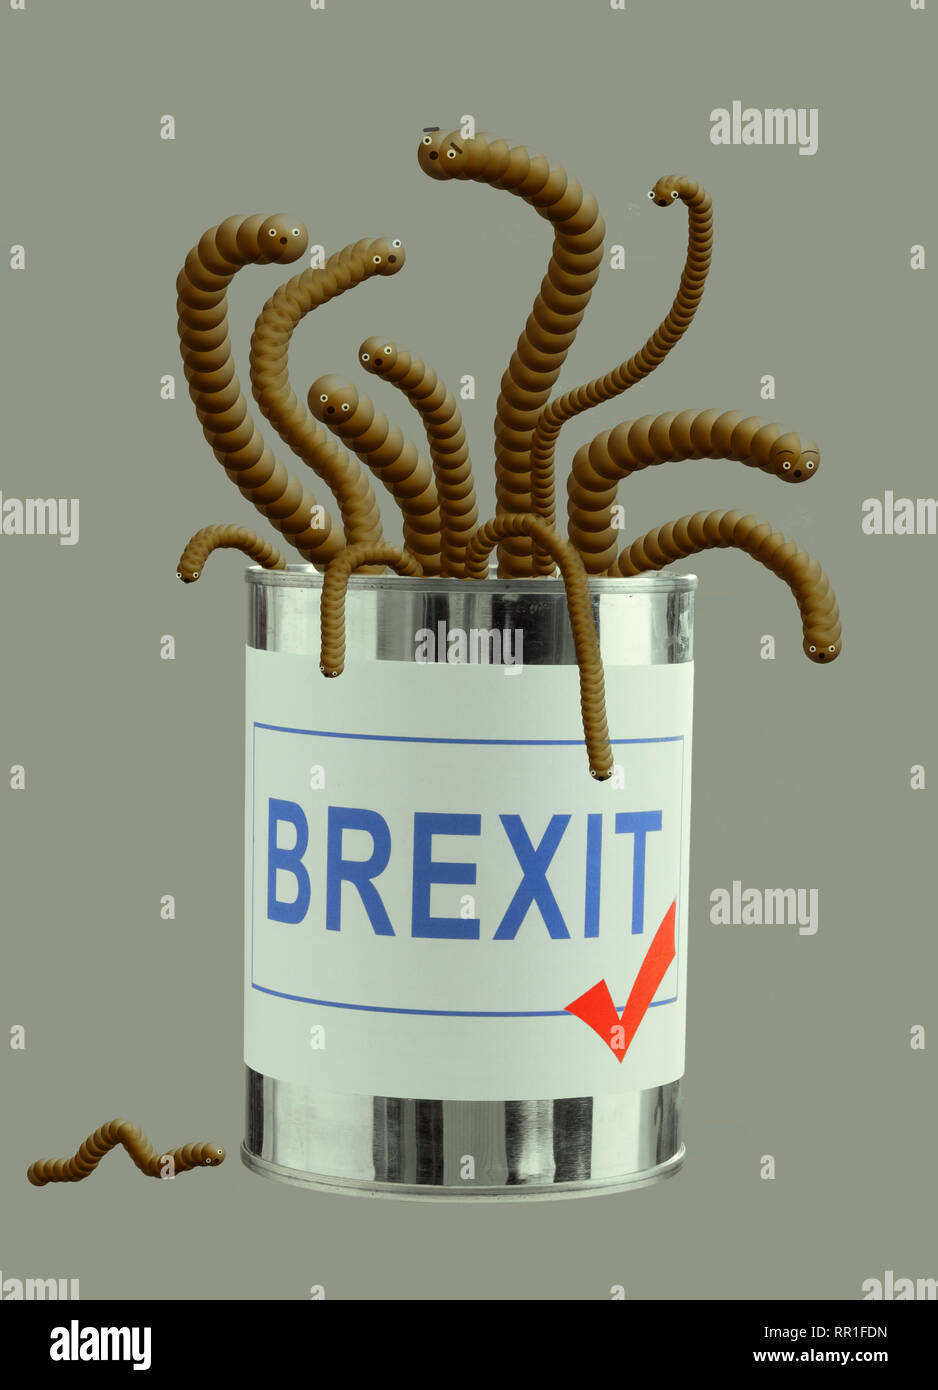 Puede Brexit de gusanos. Concepto, metáfora UK la política de la UE. Cute critters. Imagen De Stock